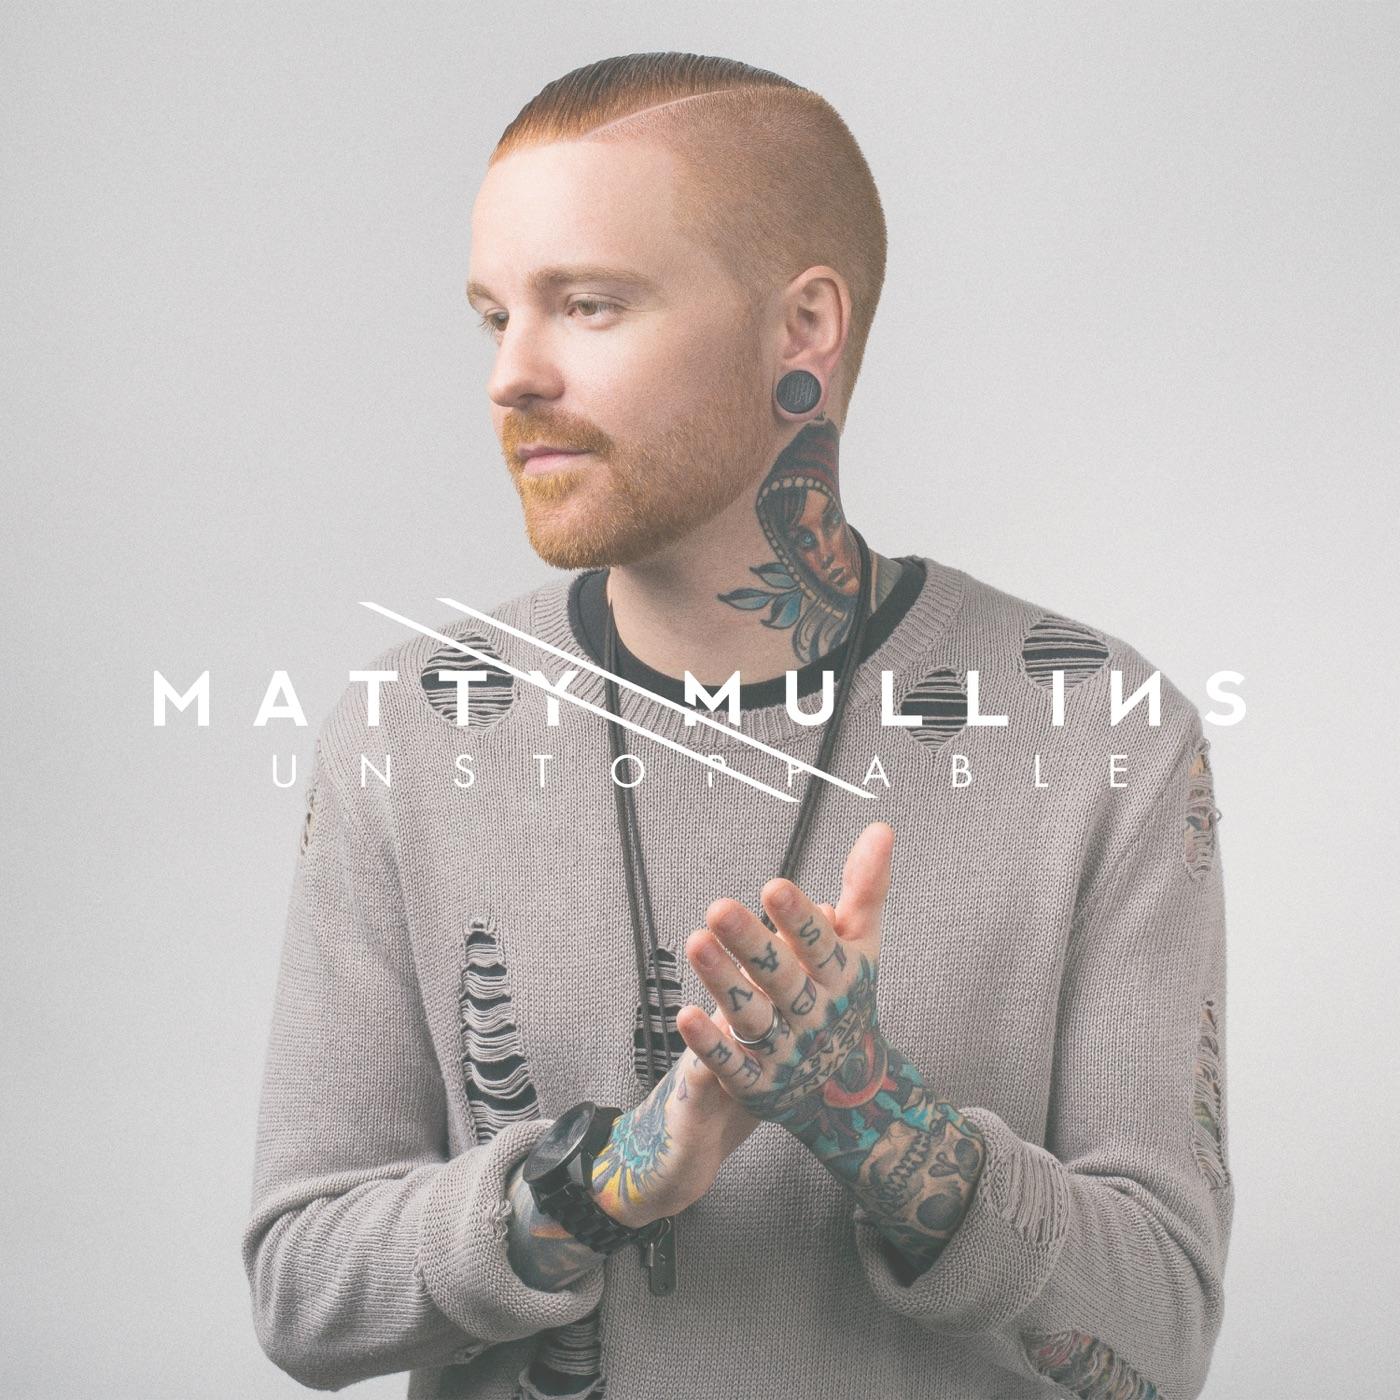 Matty Mullins - Unstoppable [single] (2017)